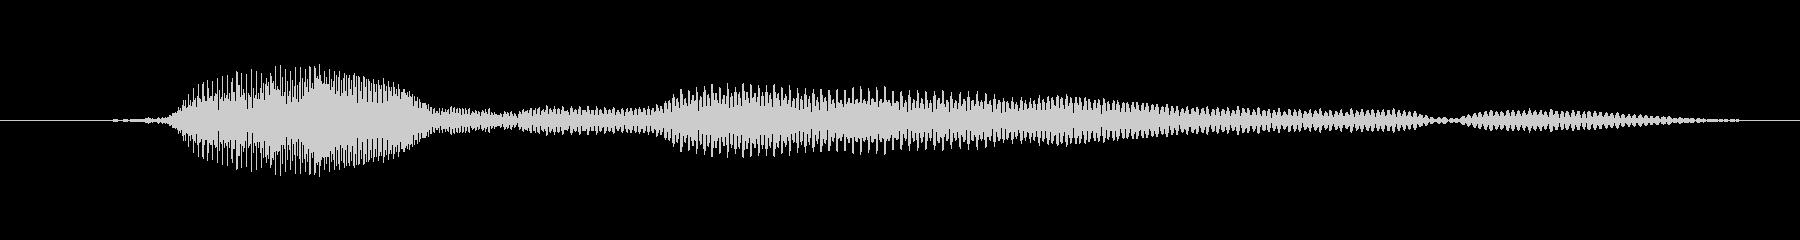 鳴き声 女性トークエルフィッシュ09の未再生の波形